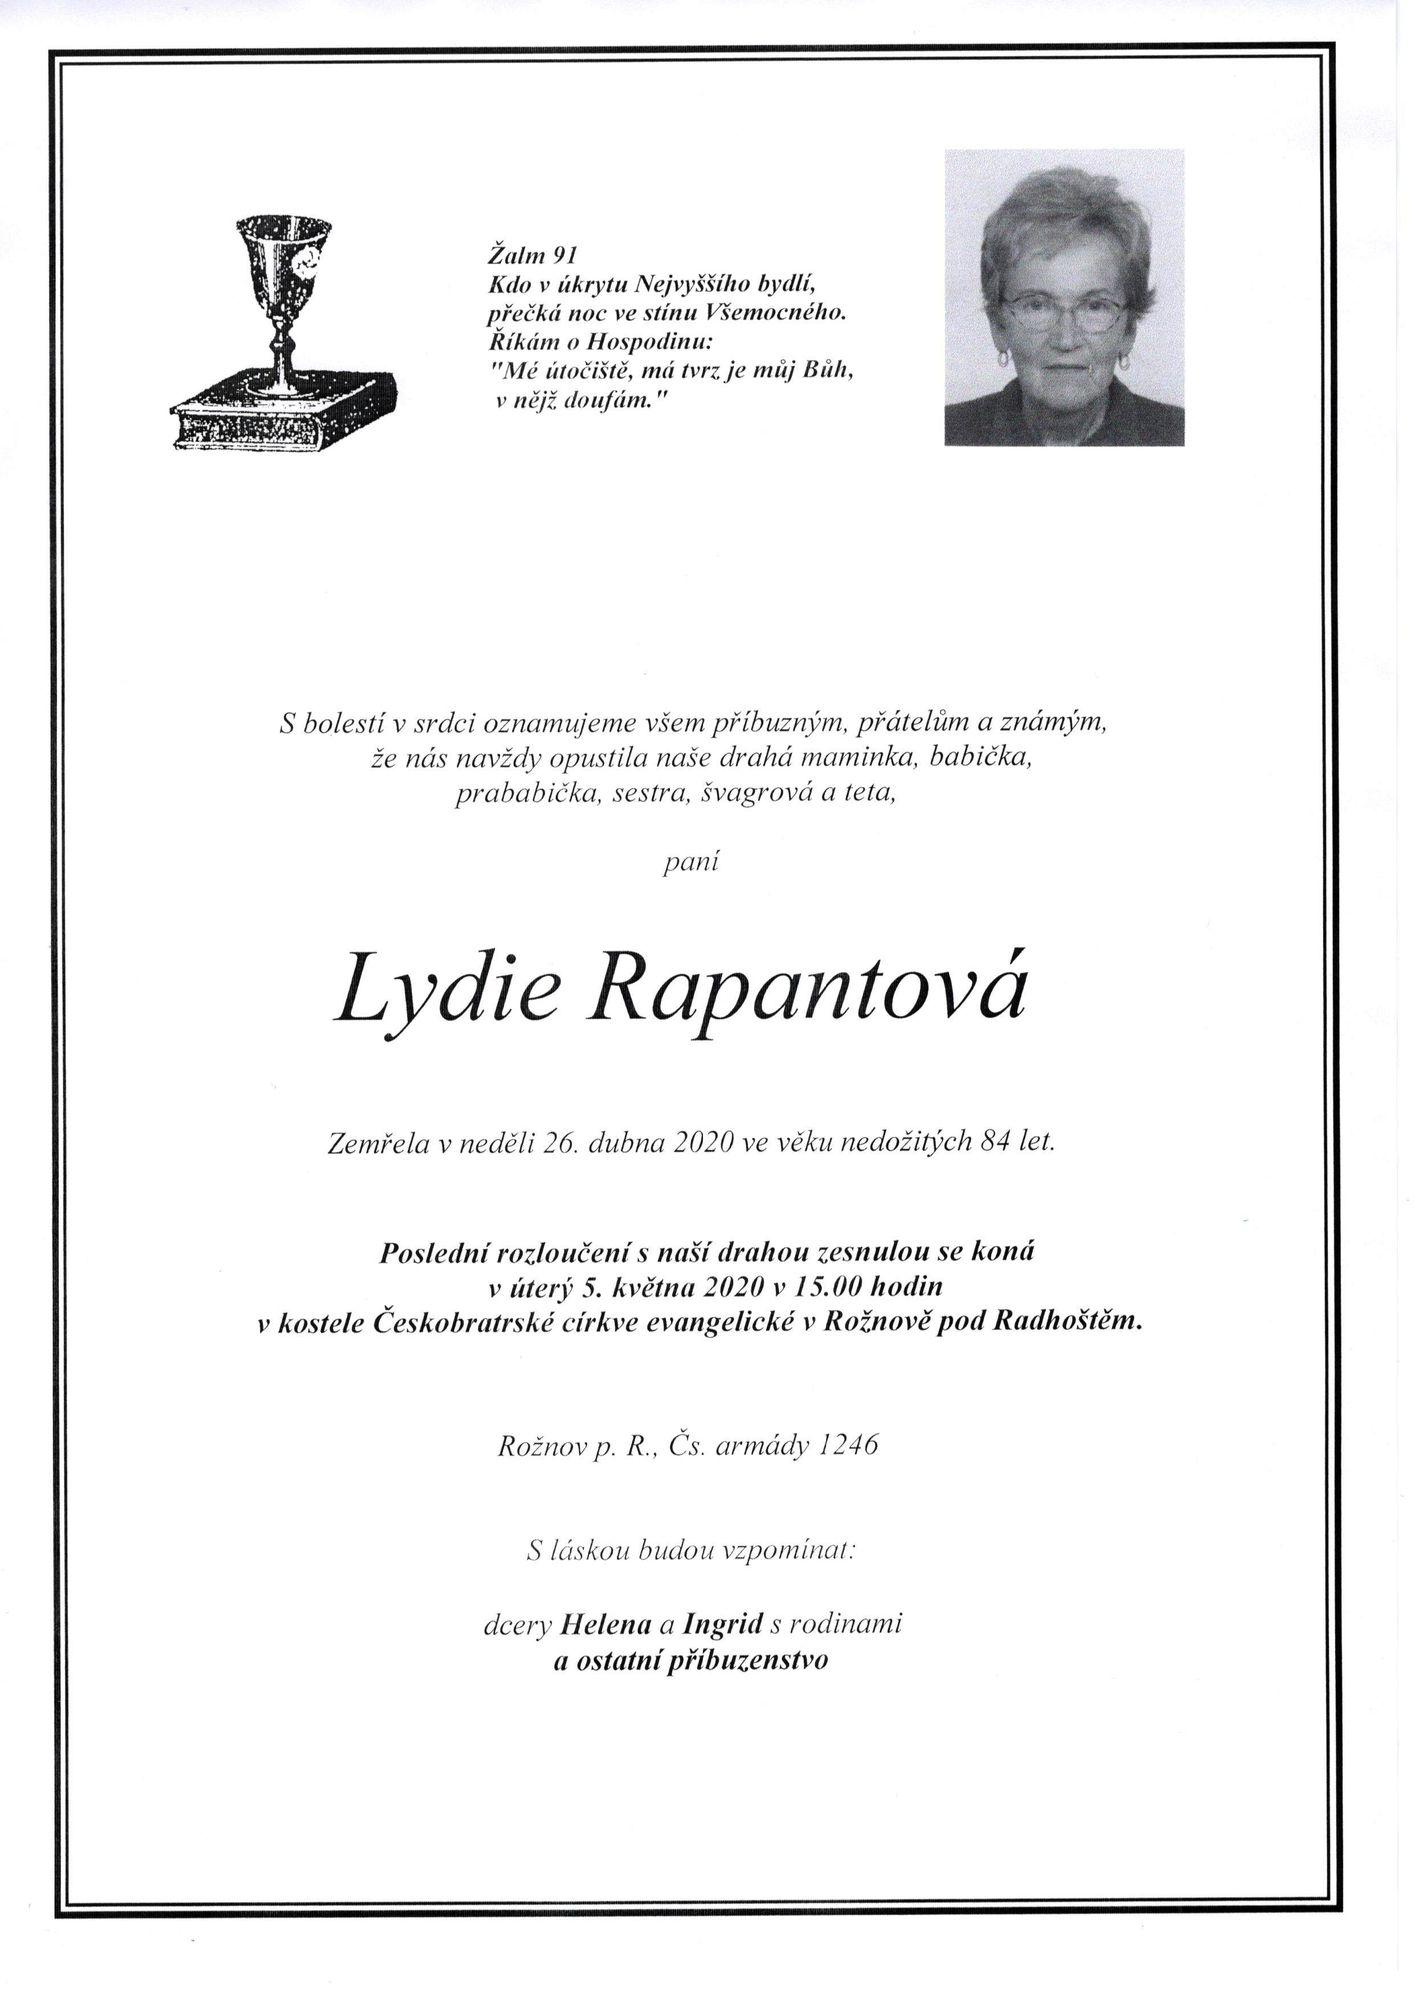 Lydie Rapantová